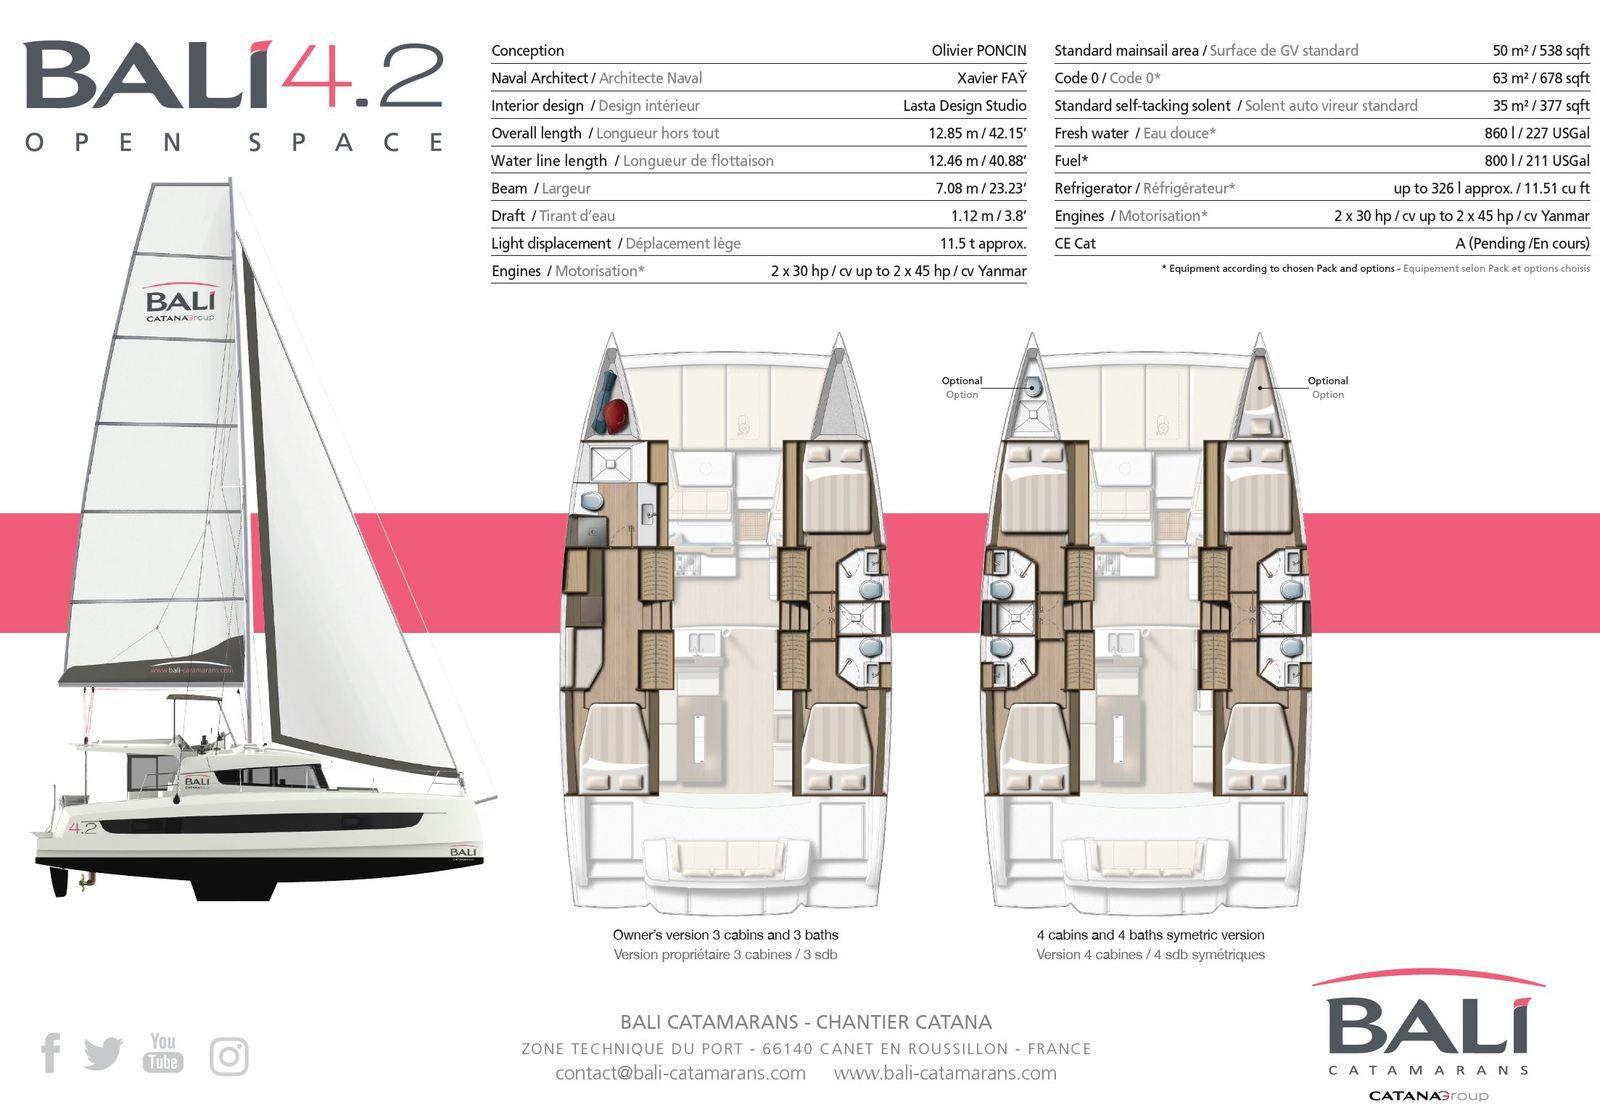 Scoop - Bali 4.2, un tout nouveau catamaran, livrable dès février 2021 !